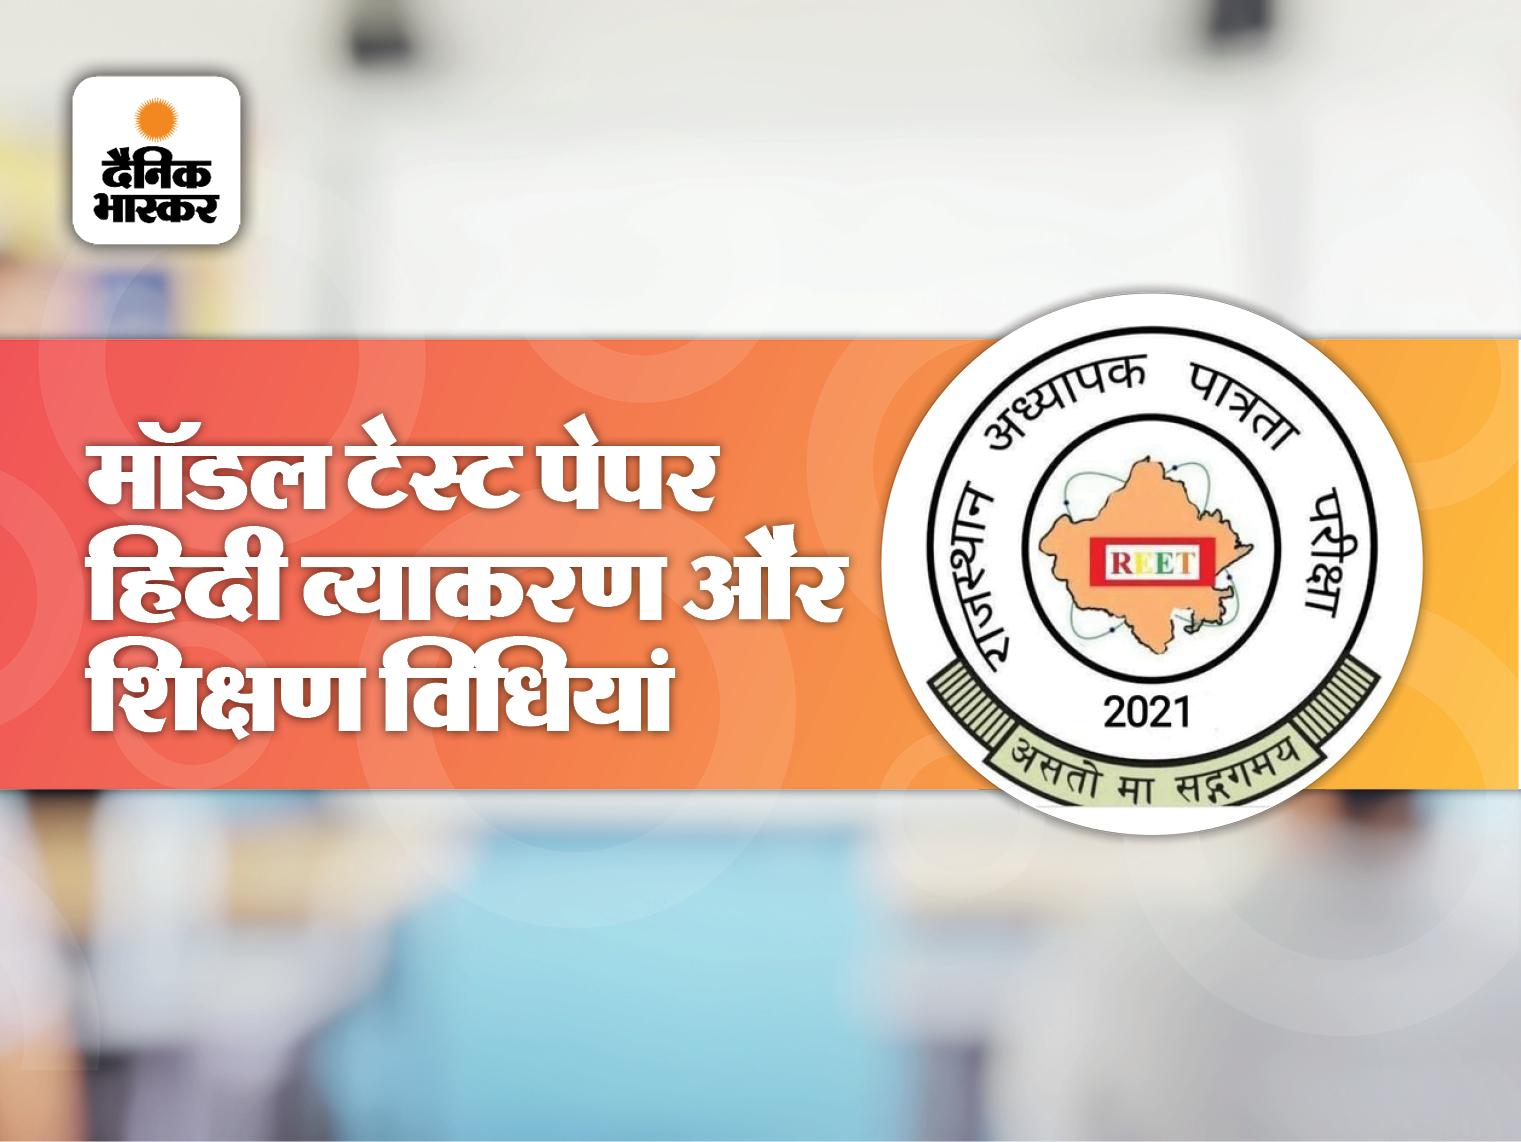 हिन्दी के टीचिंग मेथड्स सॉल्व करके चेक करें स्कोरिंग, साथ है उत्तर कुंजी|REET 2021,REET 2021 - Dainik Bhaskar